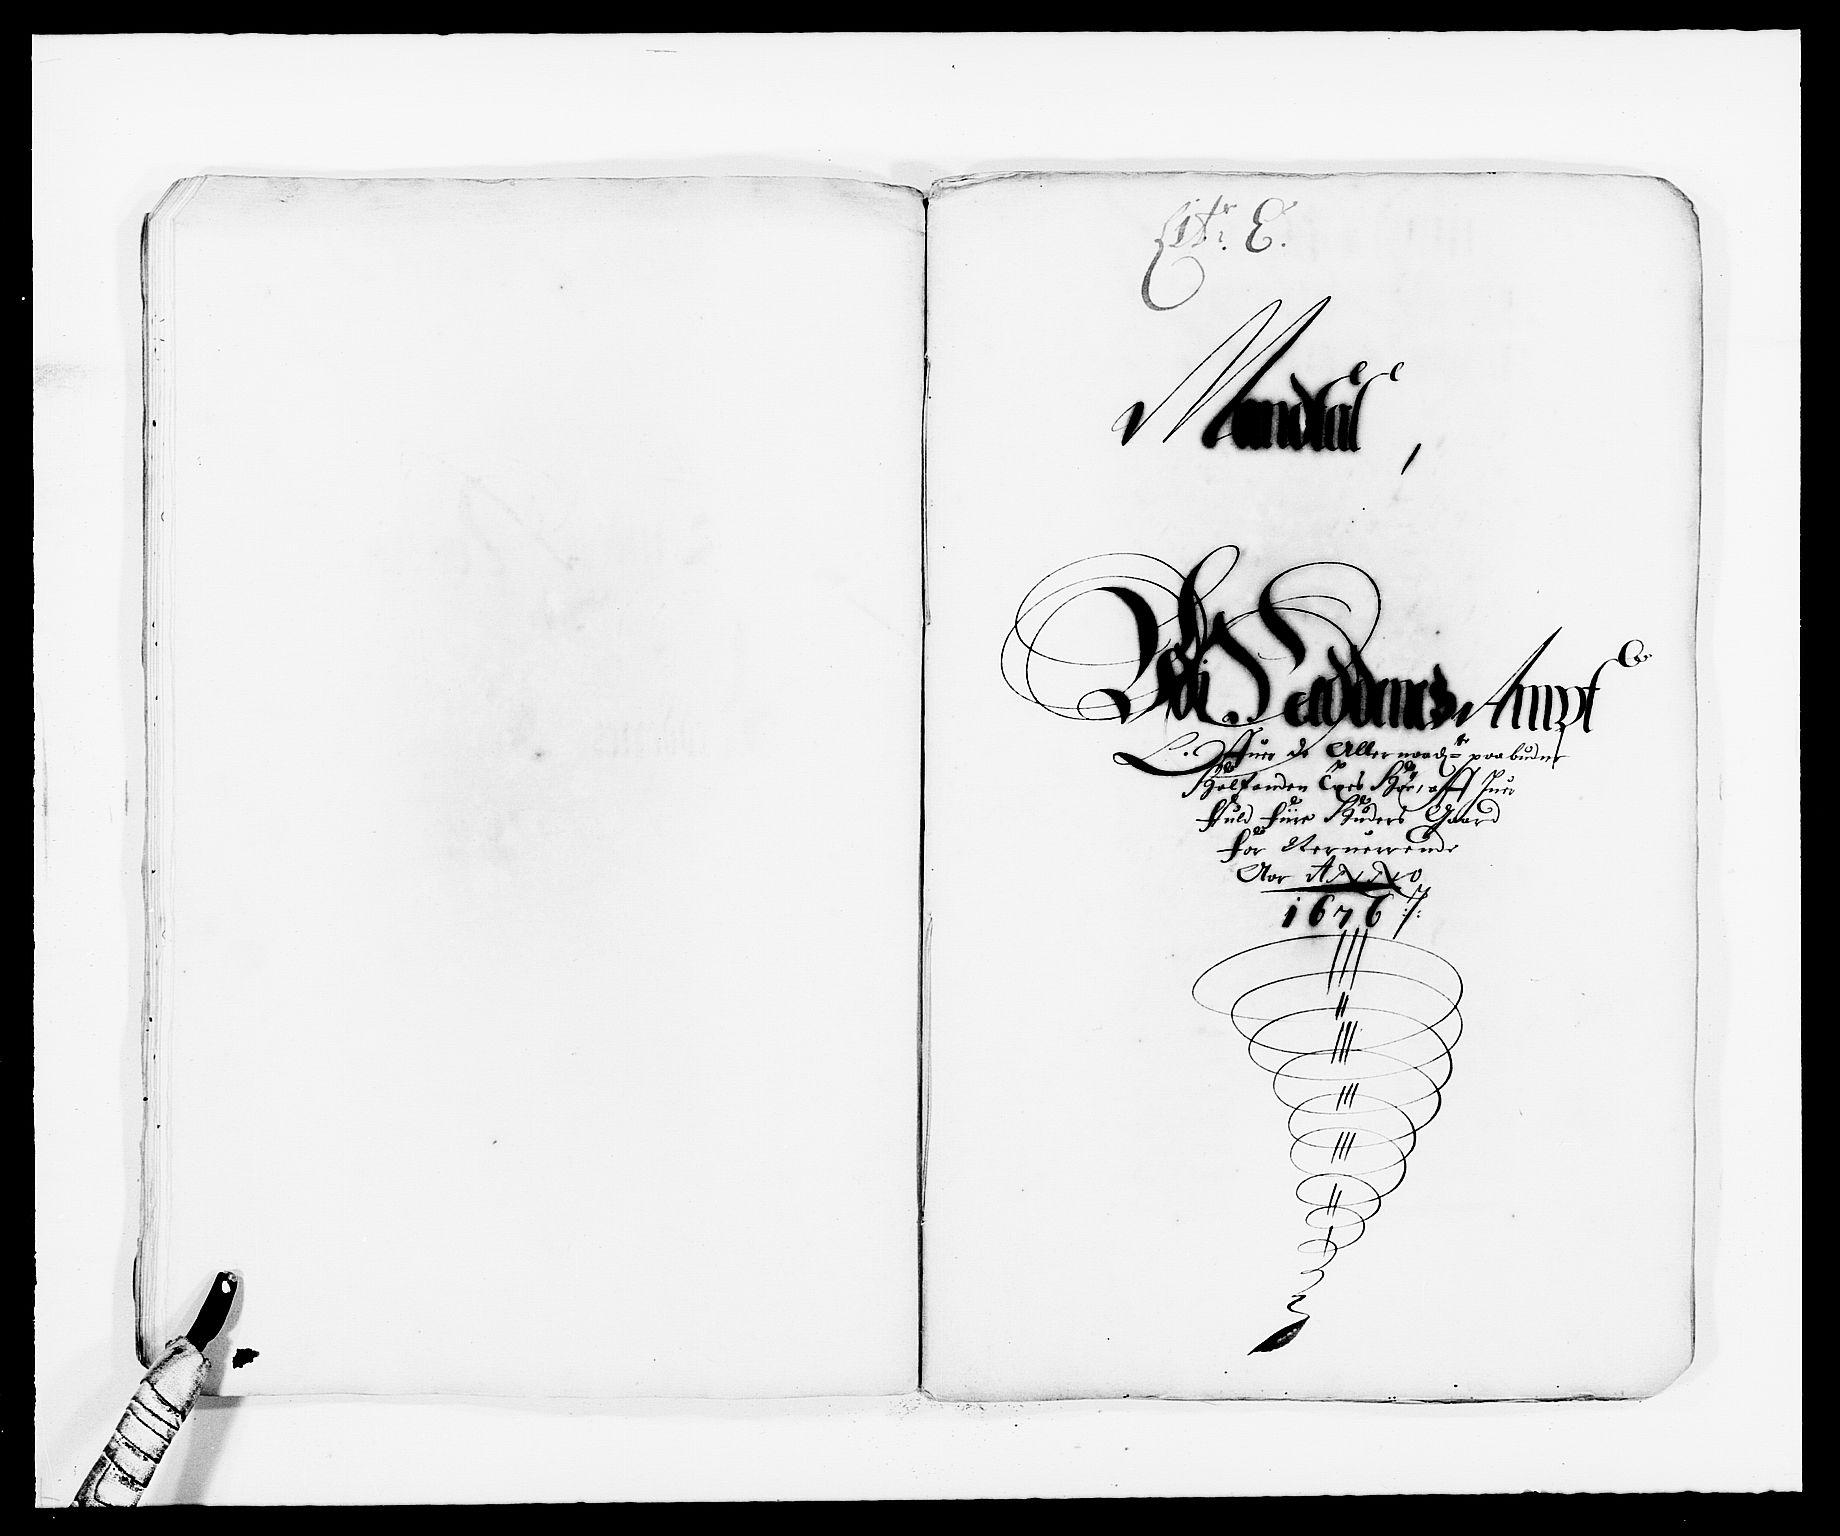 RA, Rentekammeret inntil 1814, Reviderte regnskaper, Fogderegnskap, R39/L2301: Fogderegnskap Nedenes, 1675-1676, s. 264